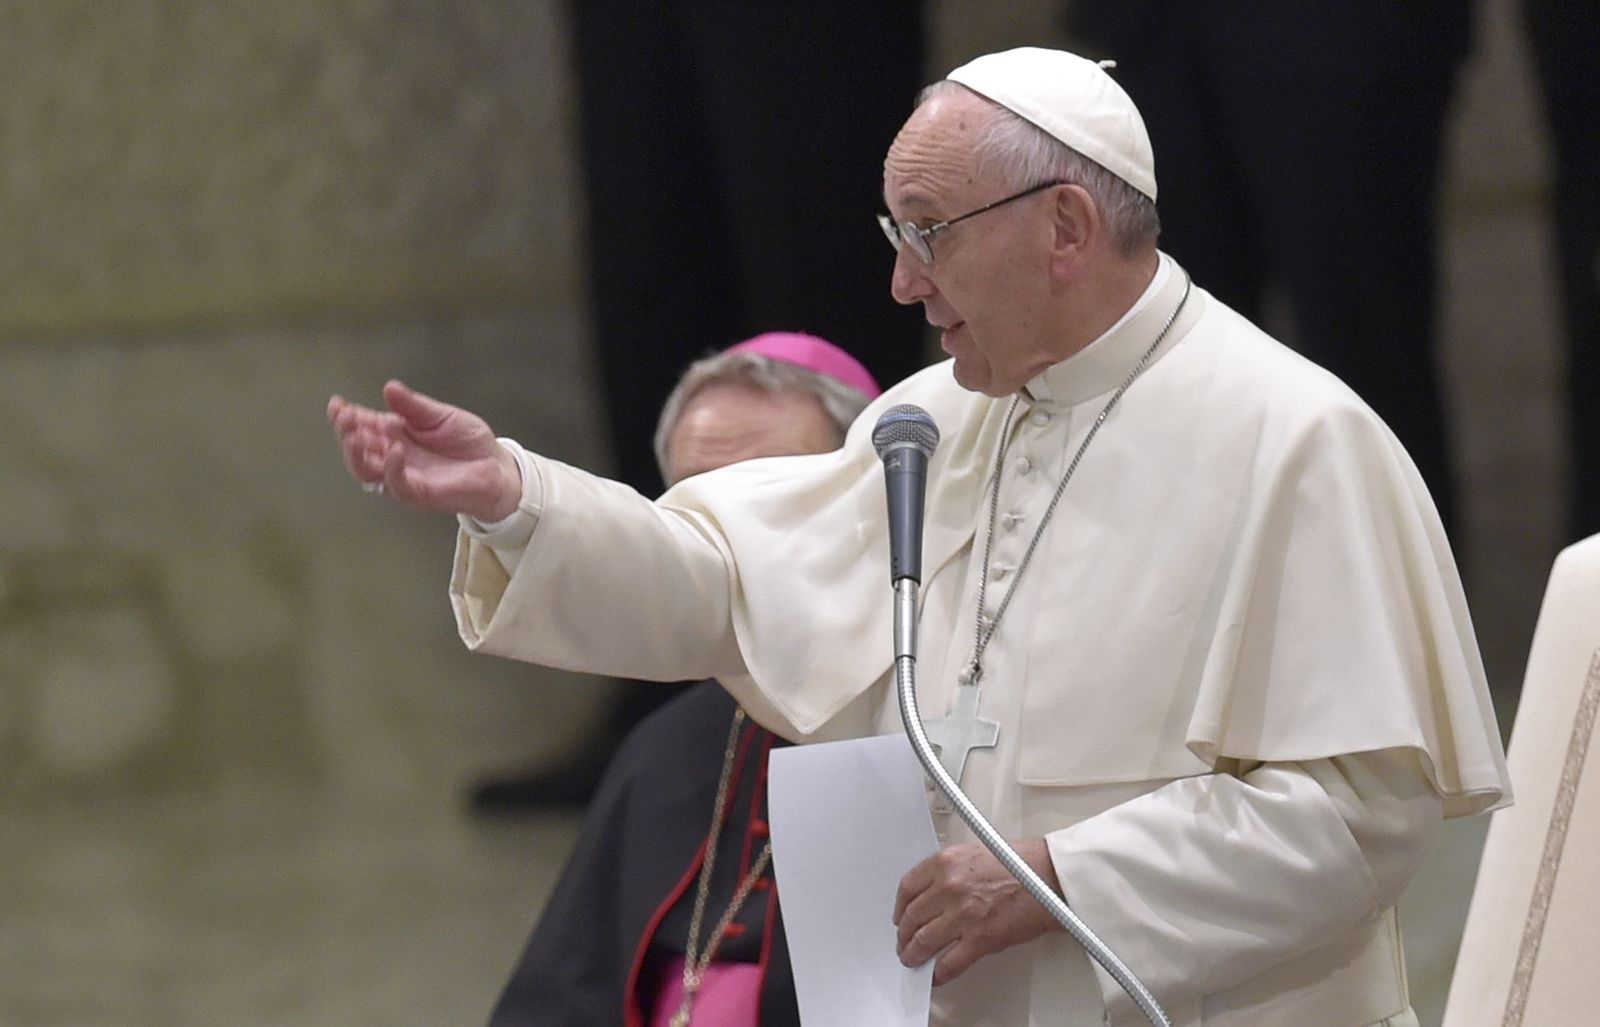 Papst/ Berichterstattung